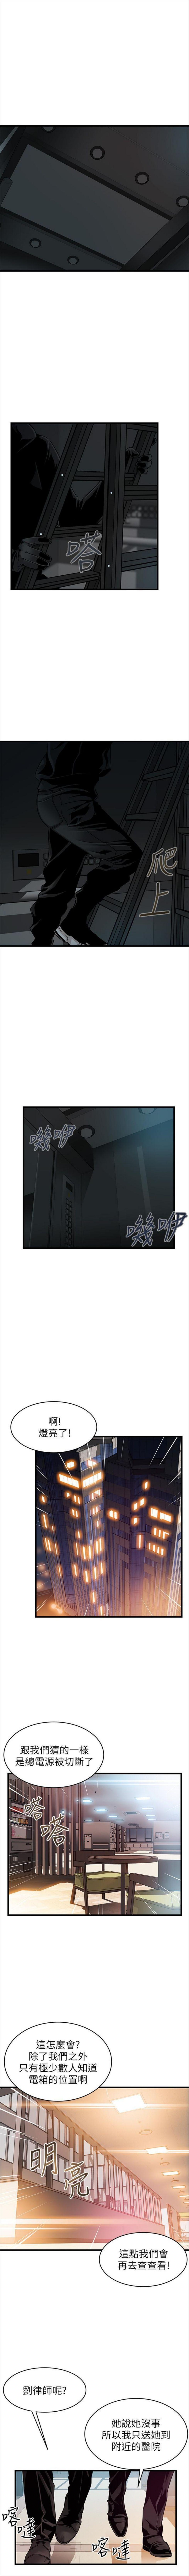 (週7)弱點 1-76 中文翻譯(更新中) 410